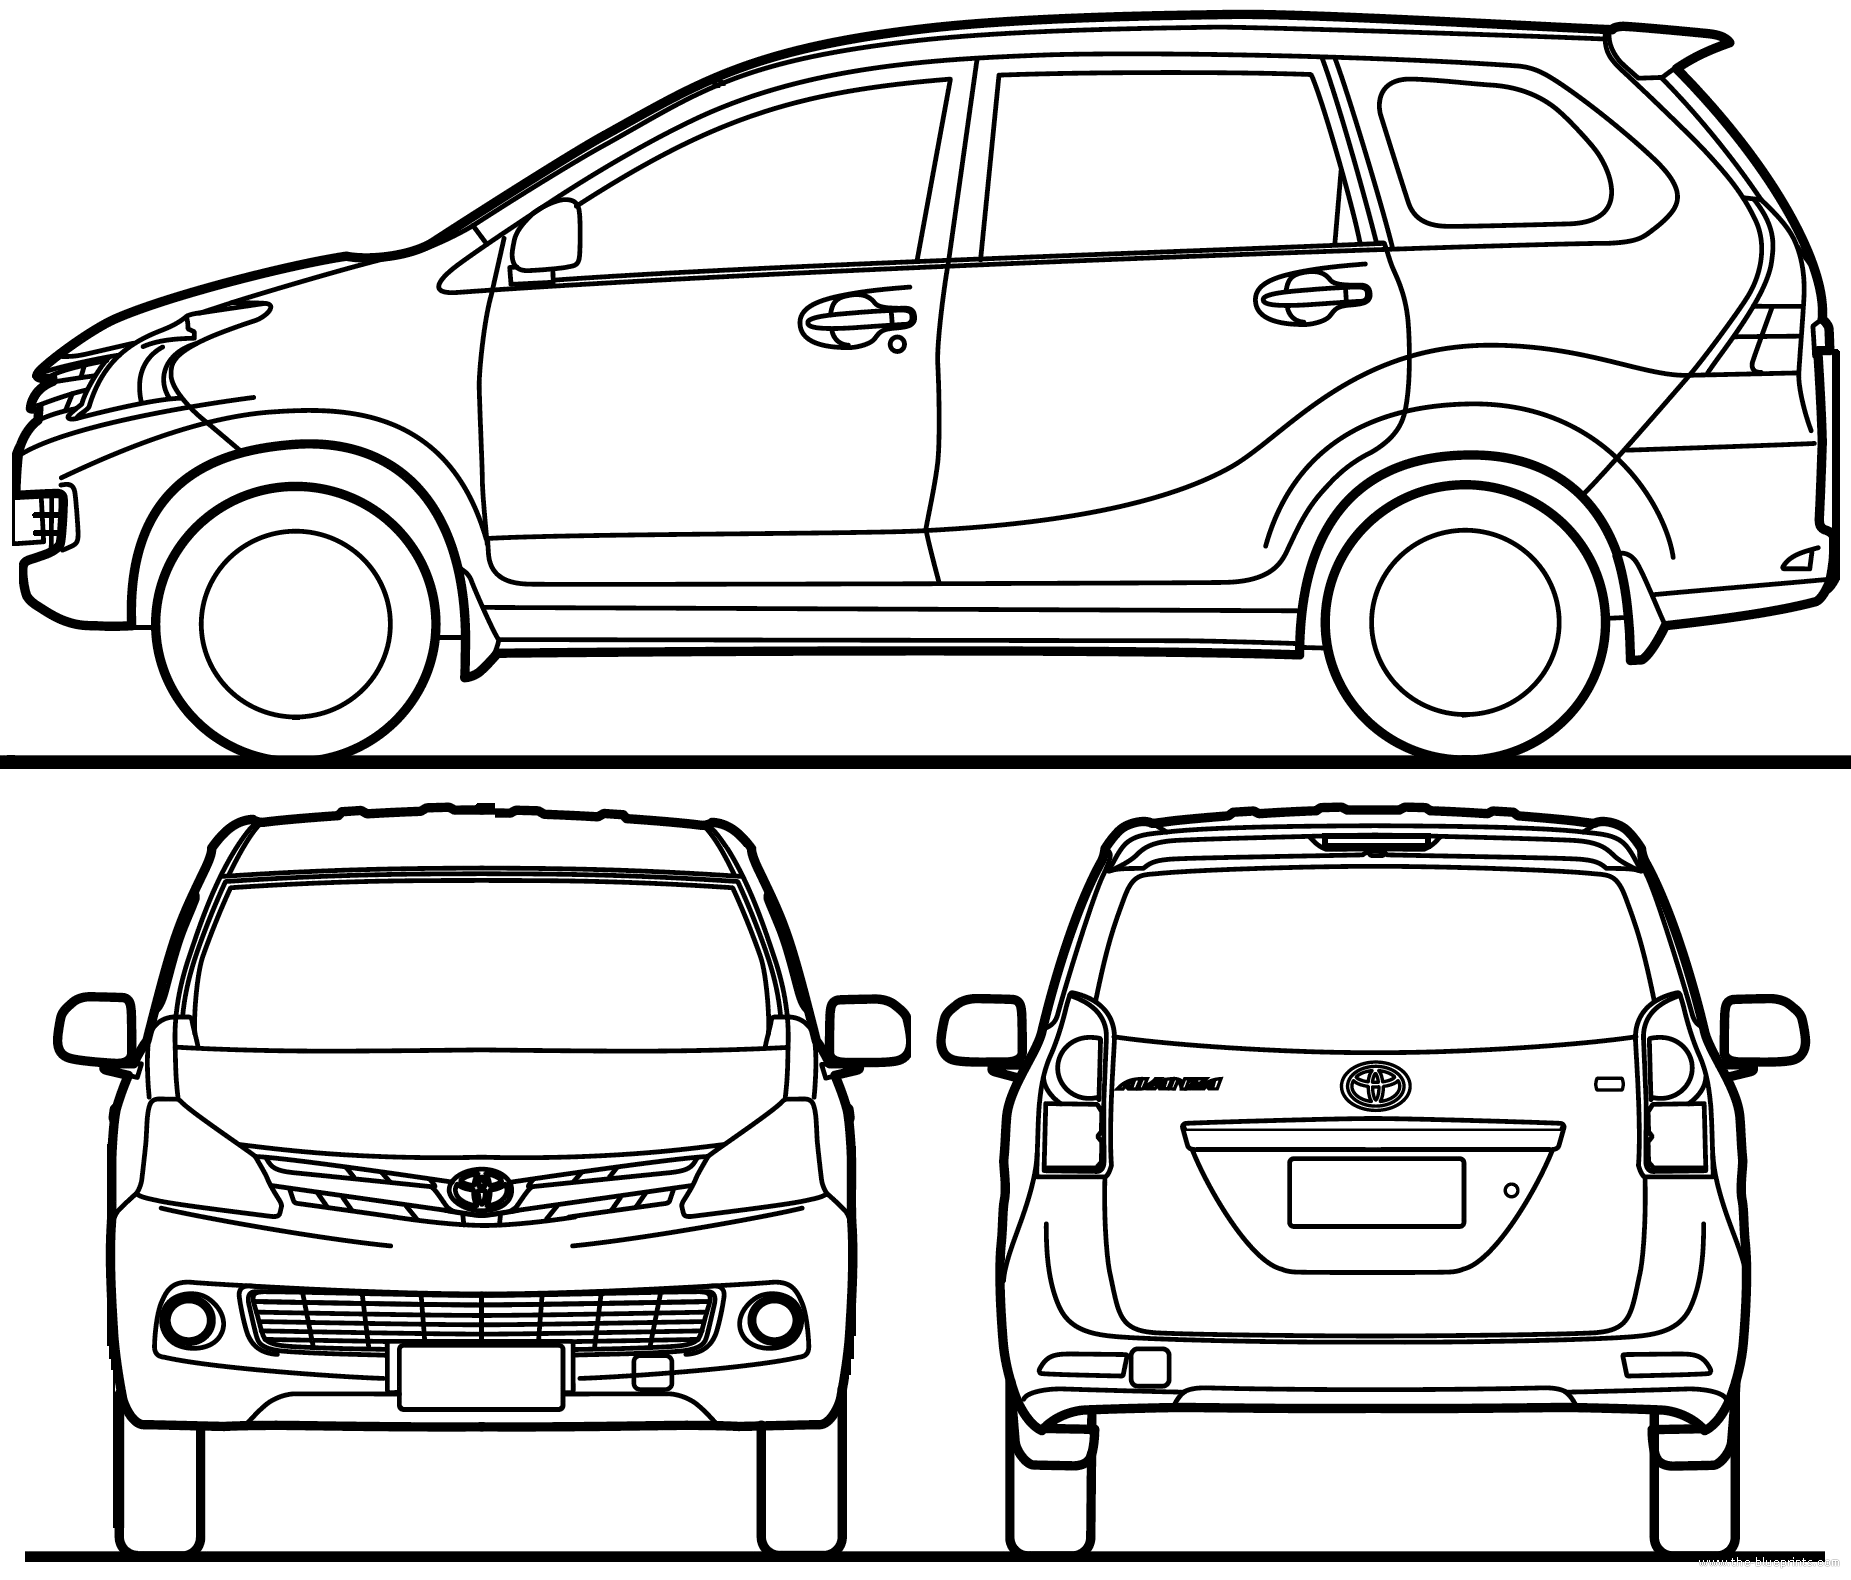 blueprints  u0026gt  cars  u0026gt  toyota  u0026gt  toyota avanza  2015